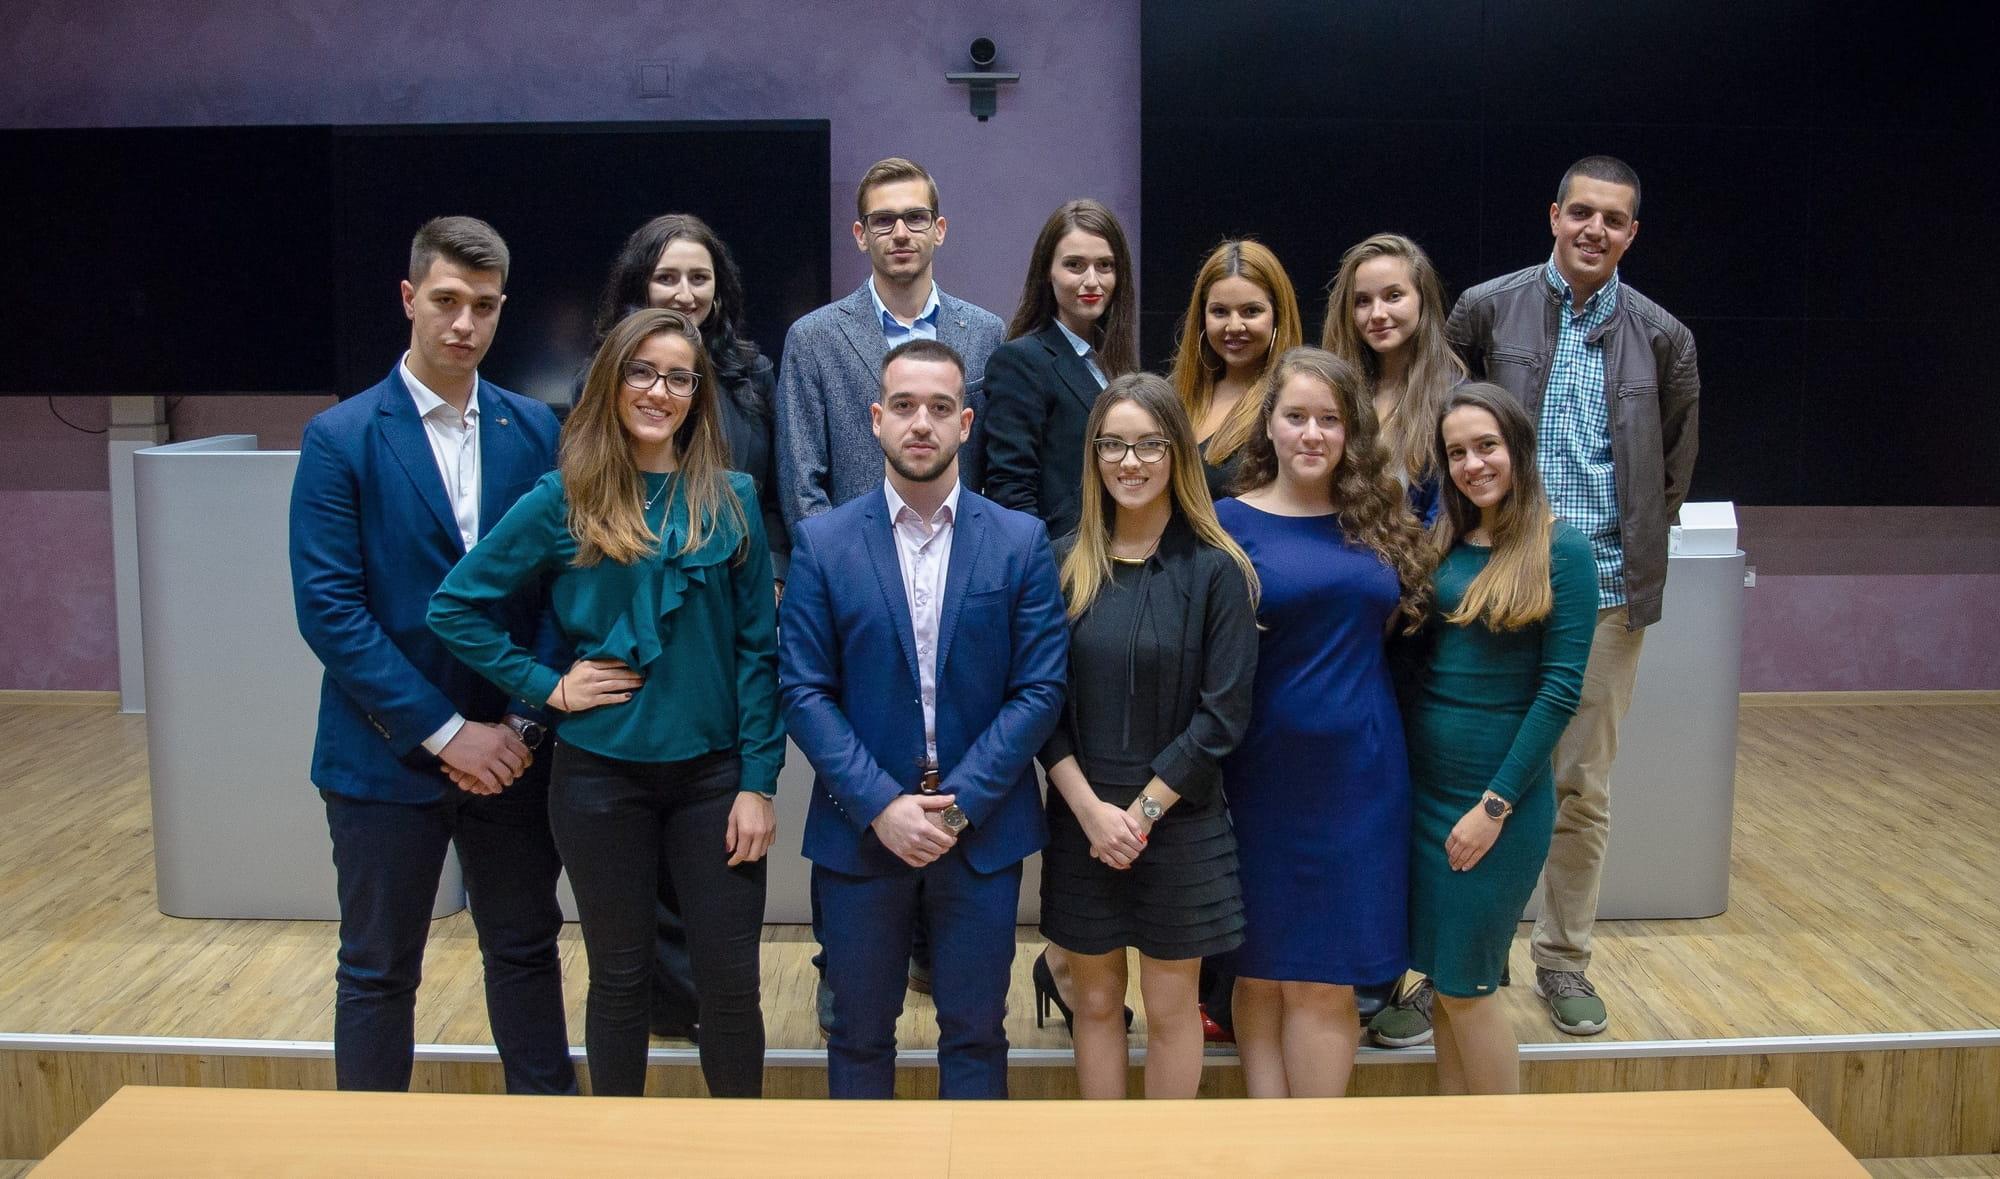 АСМБ Управителен Съвет 2019-2020